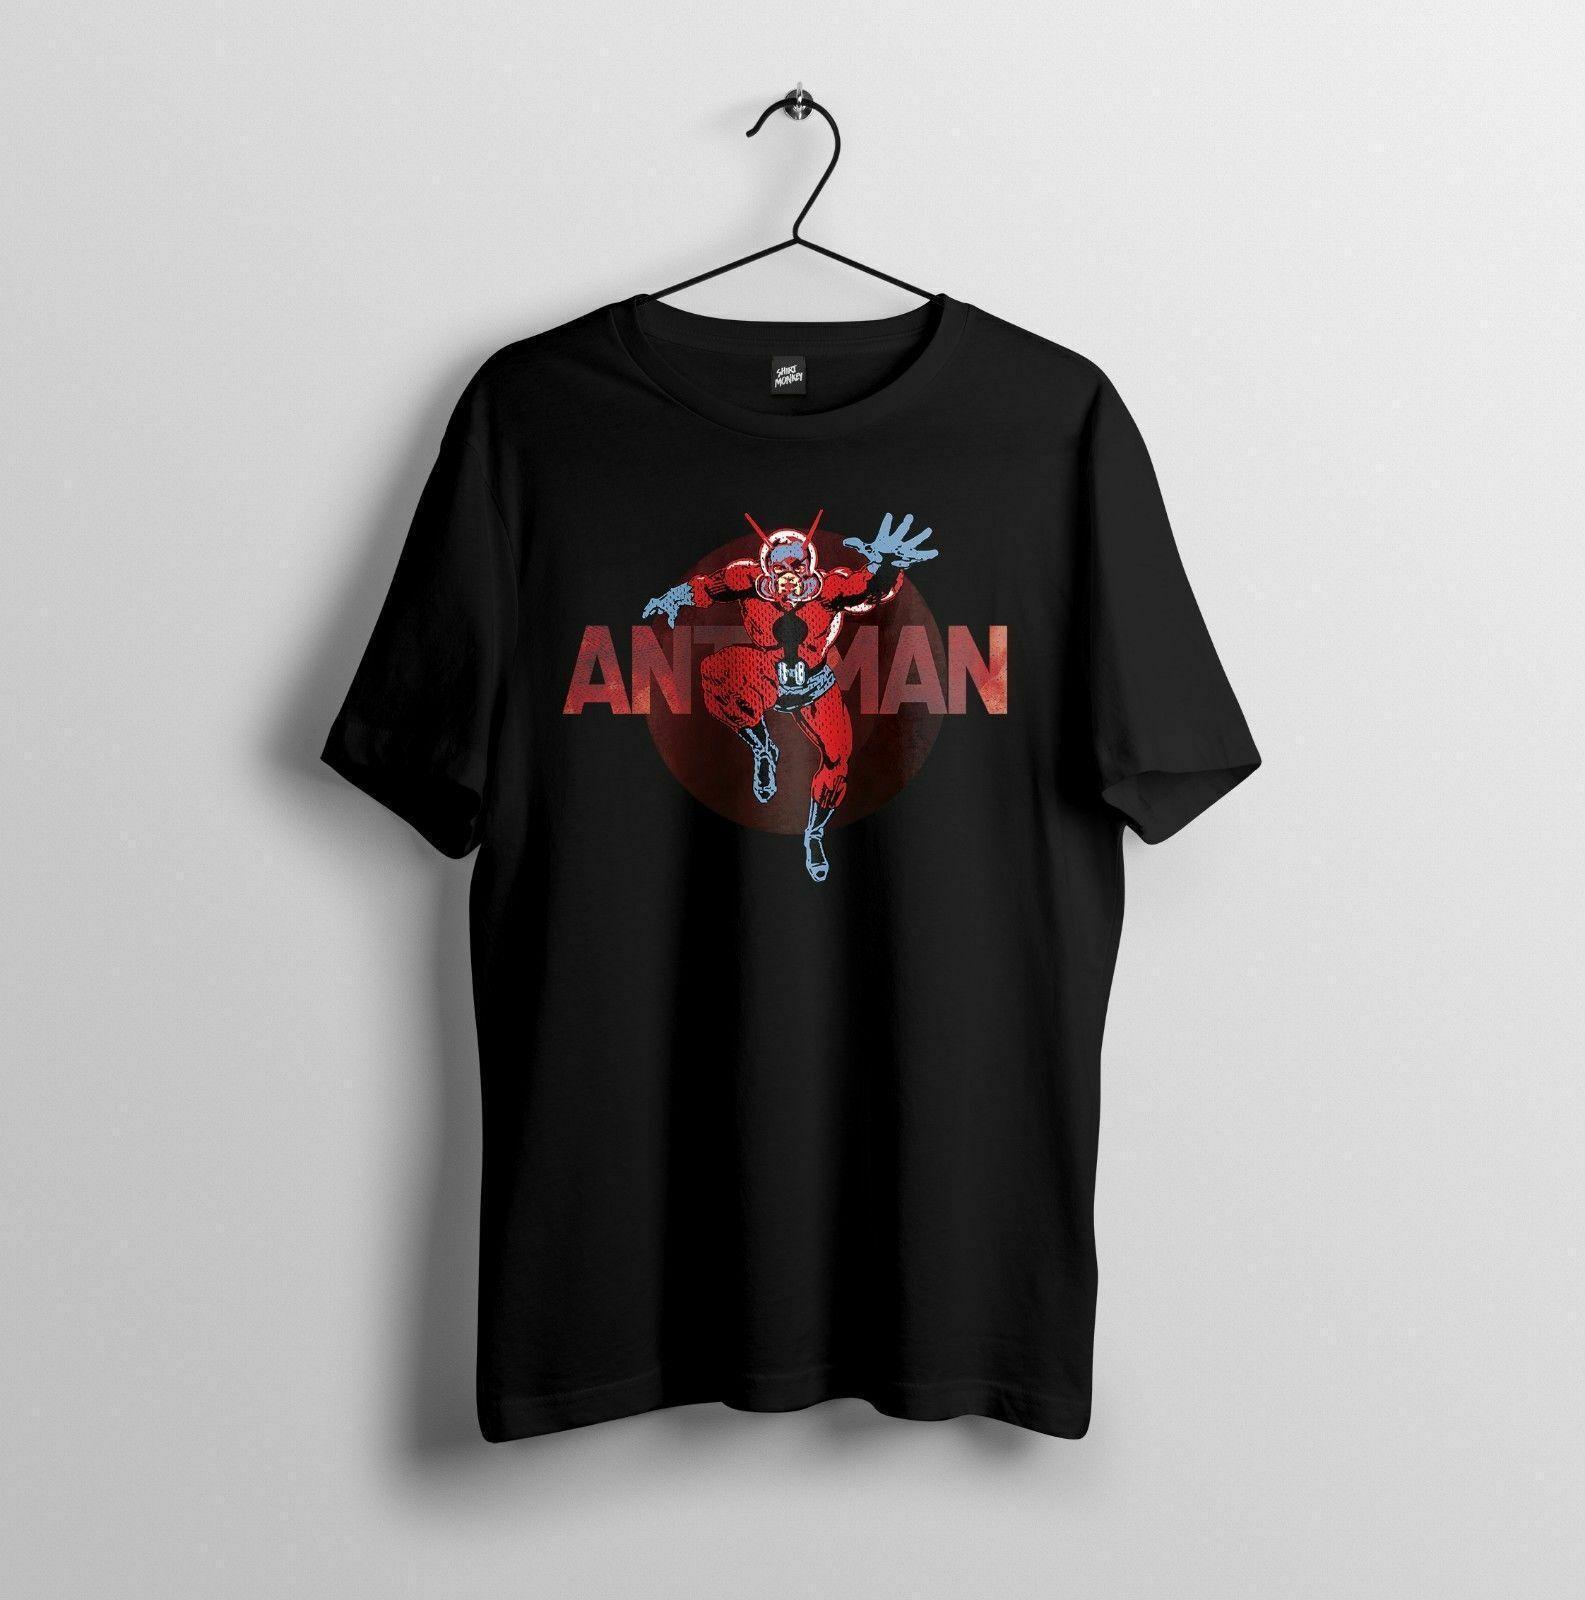 NUEVA Antman, ANT MAN MARVEL LOS VENGADORES CÓMIC DE LA VENDIMIA tamaño de la camiseta camiseta de algodón de la manera libre del envío TOP PLUS TAMAÑO TEE